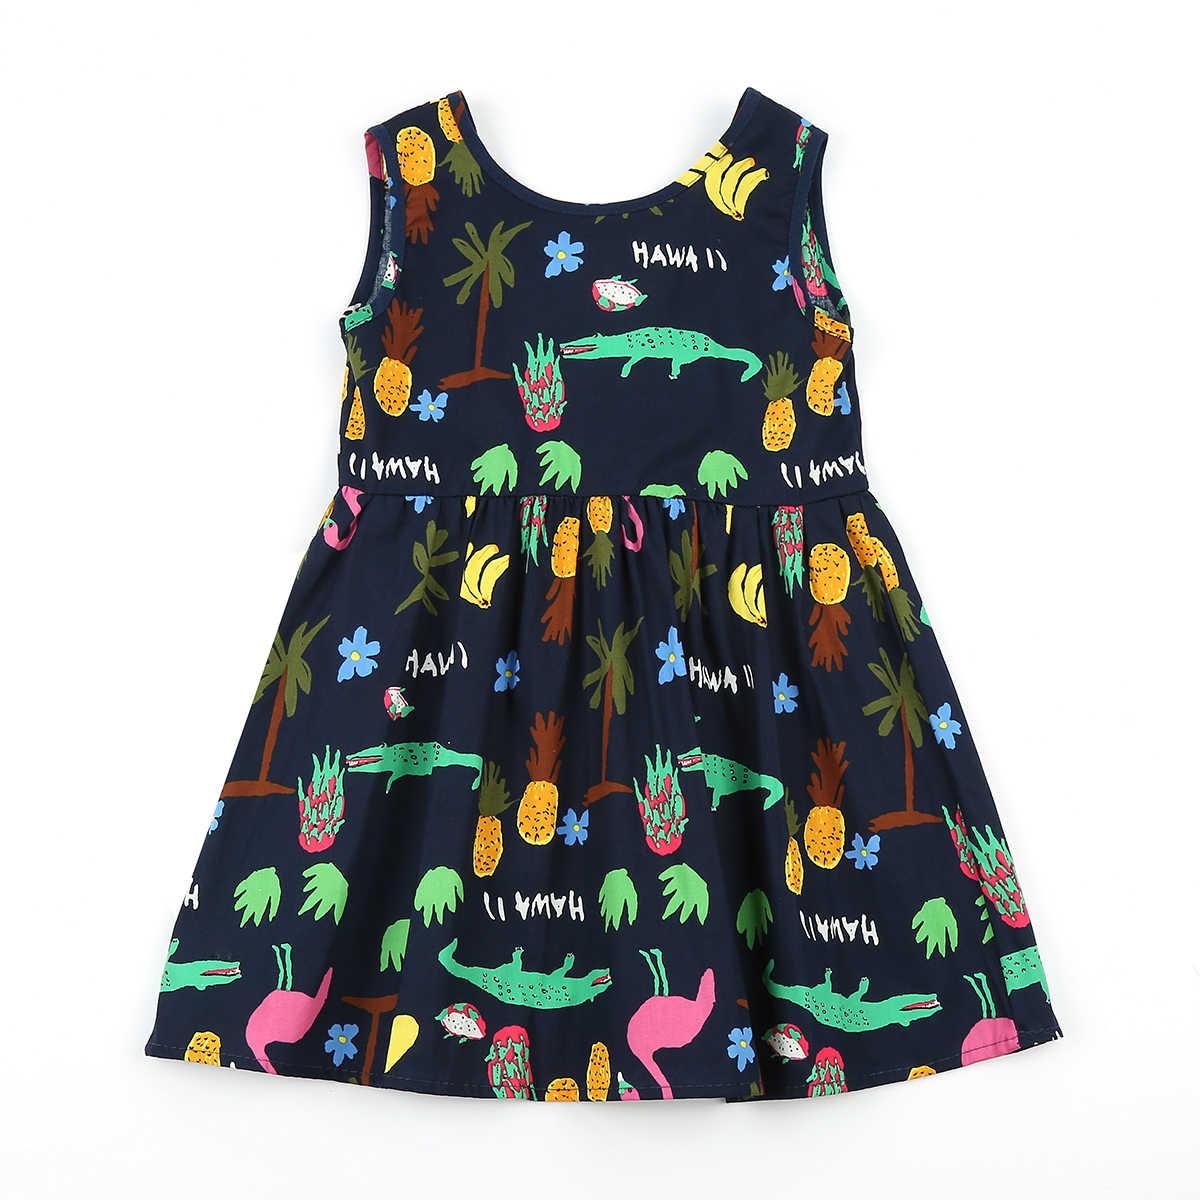 Bebek Kız Giysileri Backless Elbise Yaz Çocuk Giysileri Toddler Kız Elbise Bebek Pamuk Kolsuz Baskı Çiçek Prenses Elbise